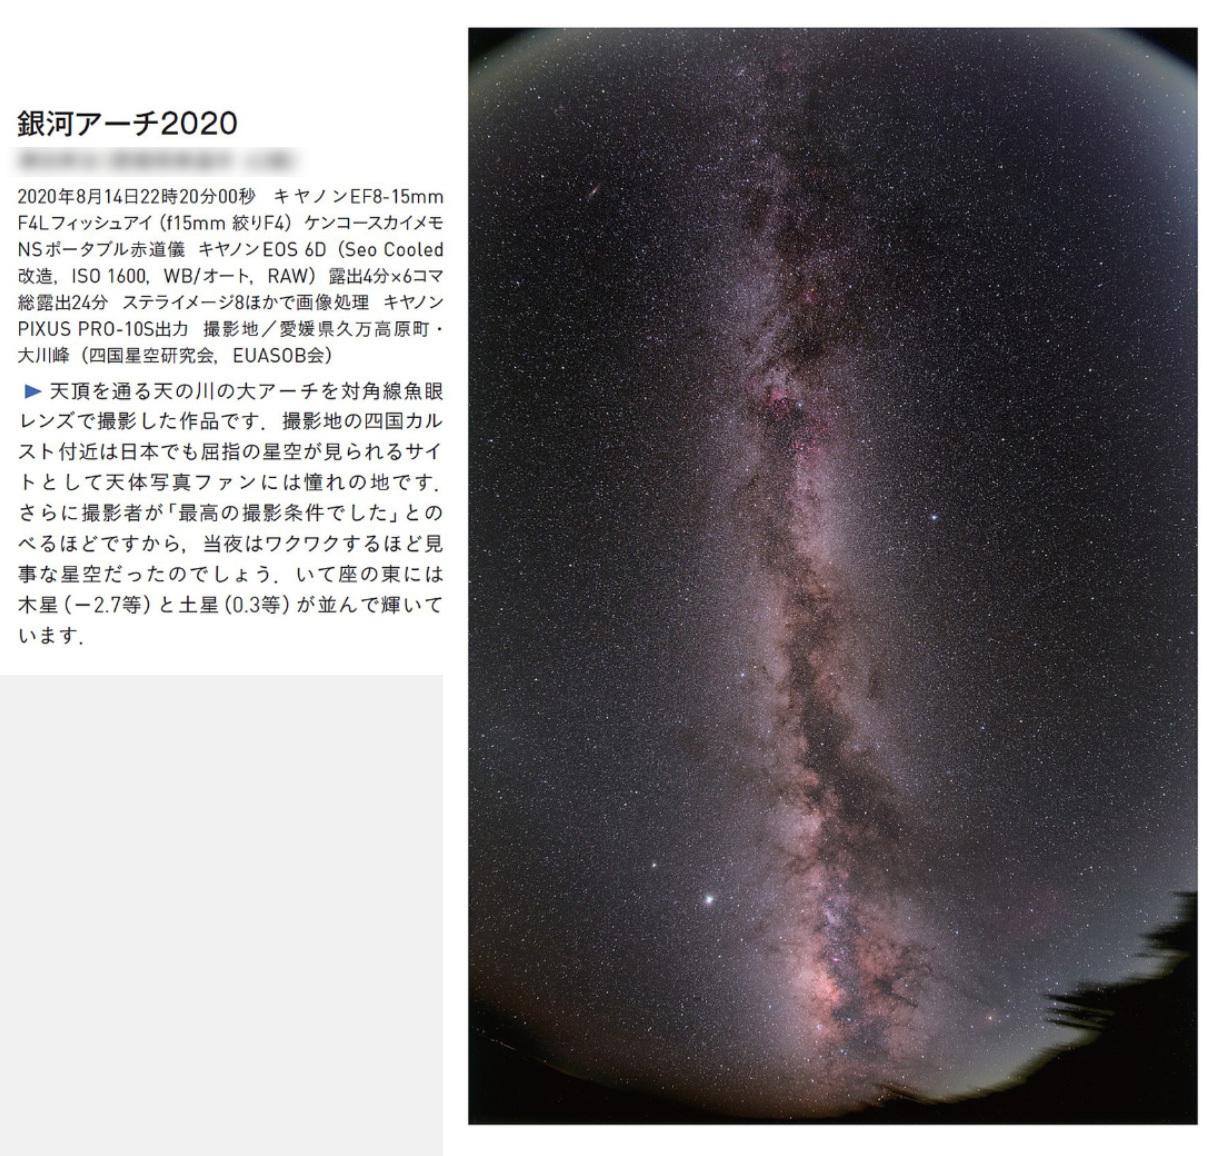 Tenga202010.jpg